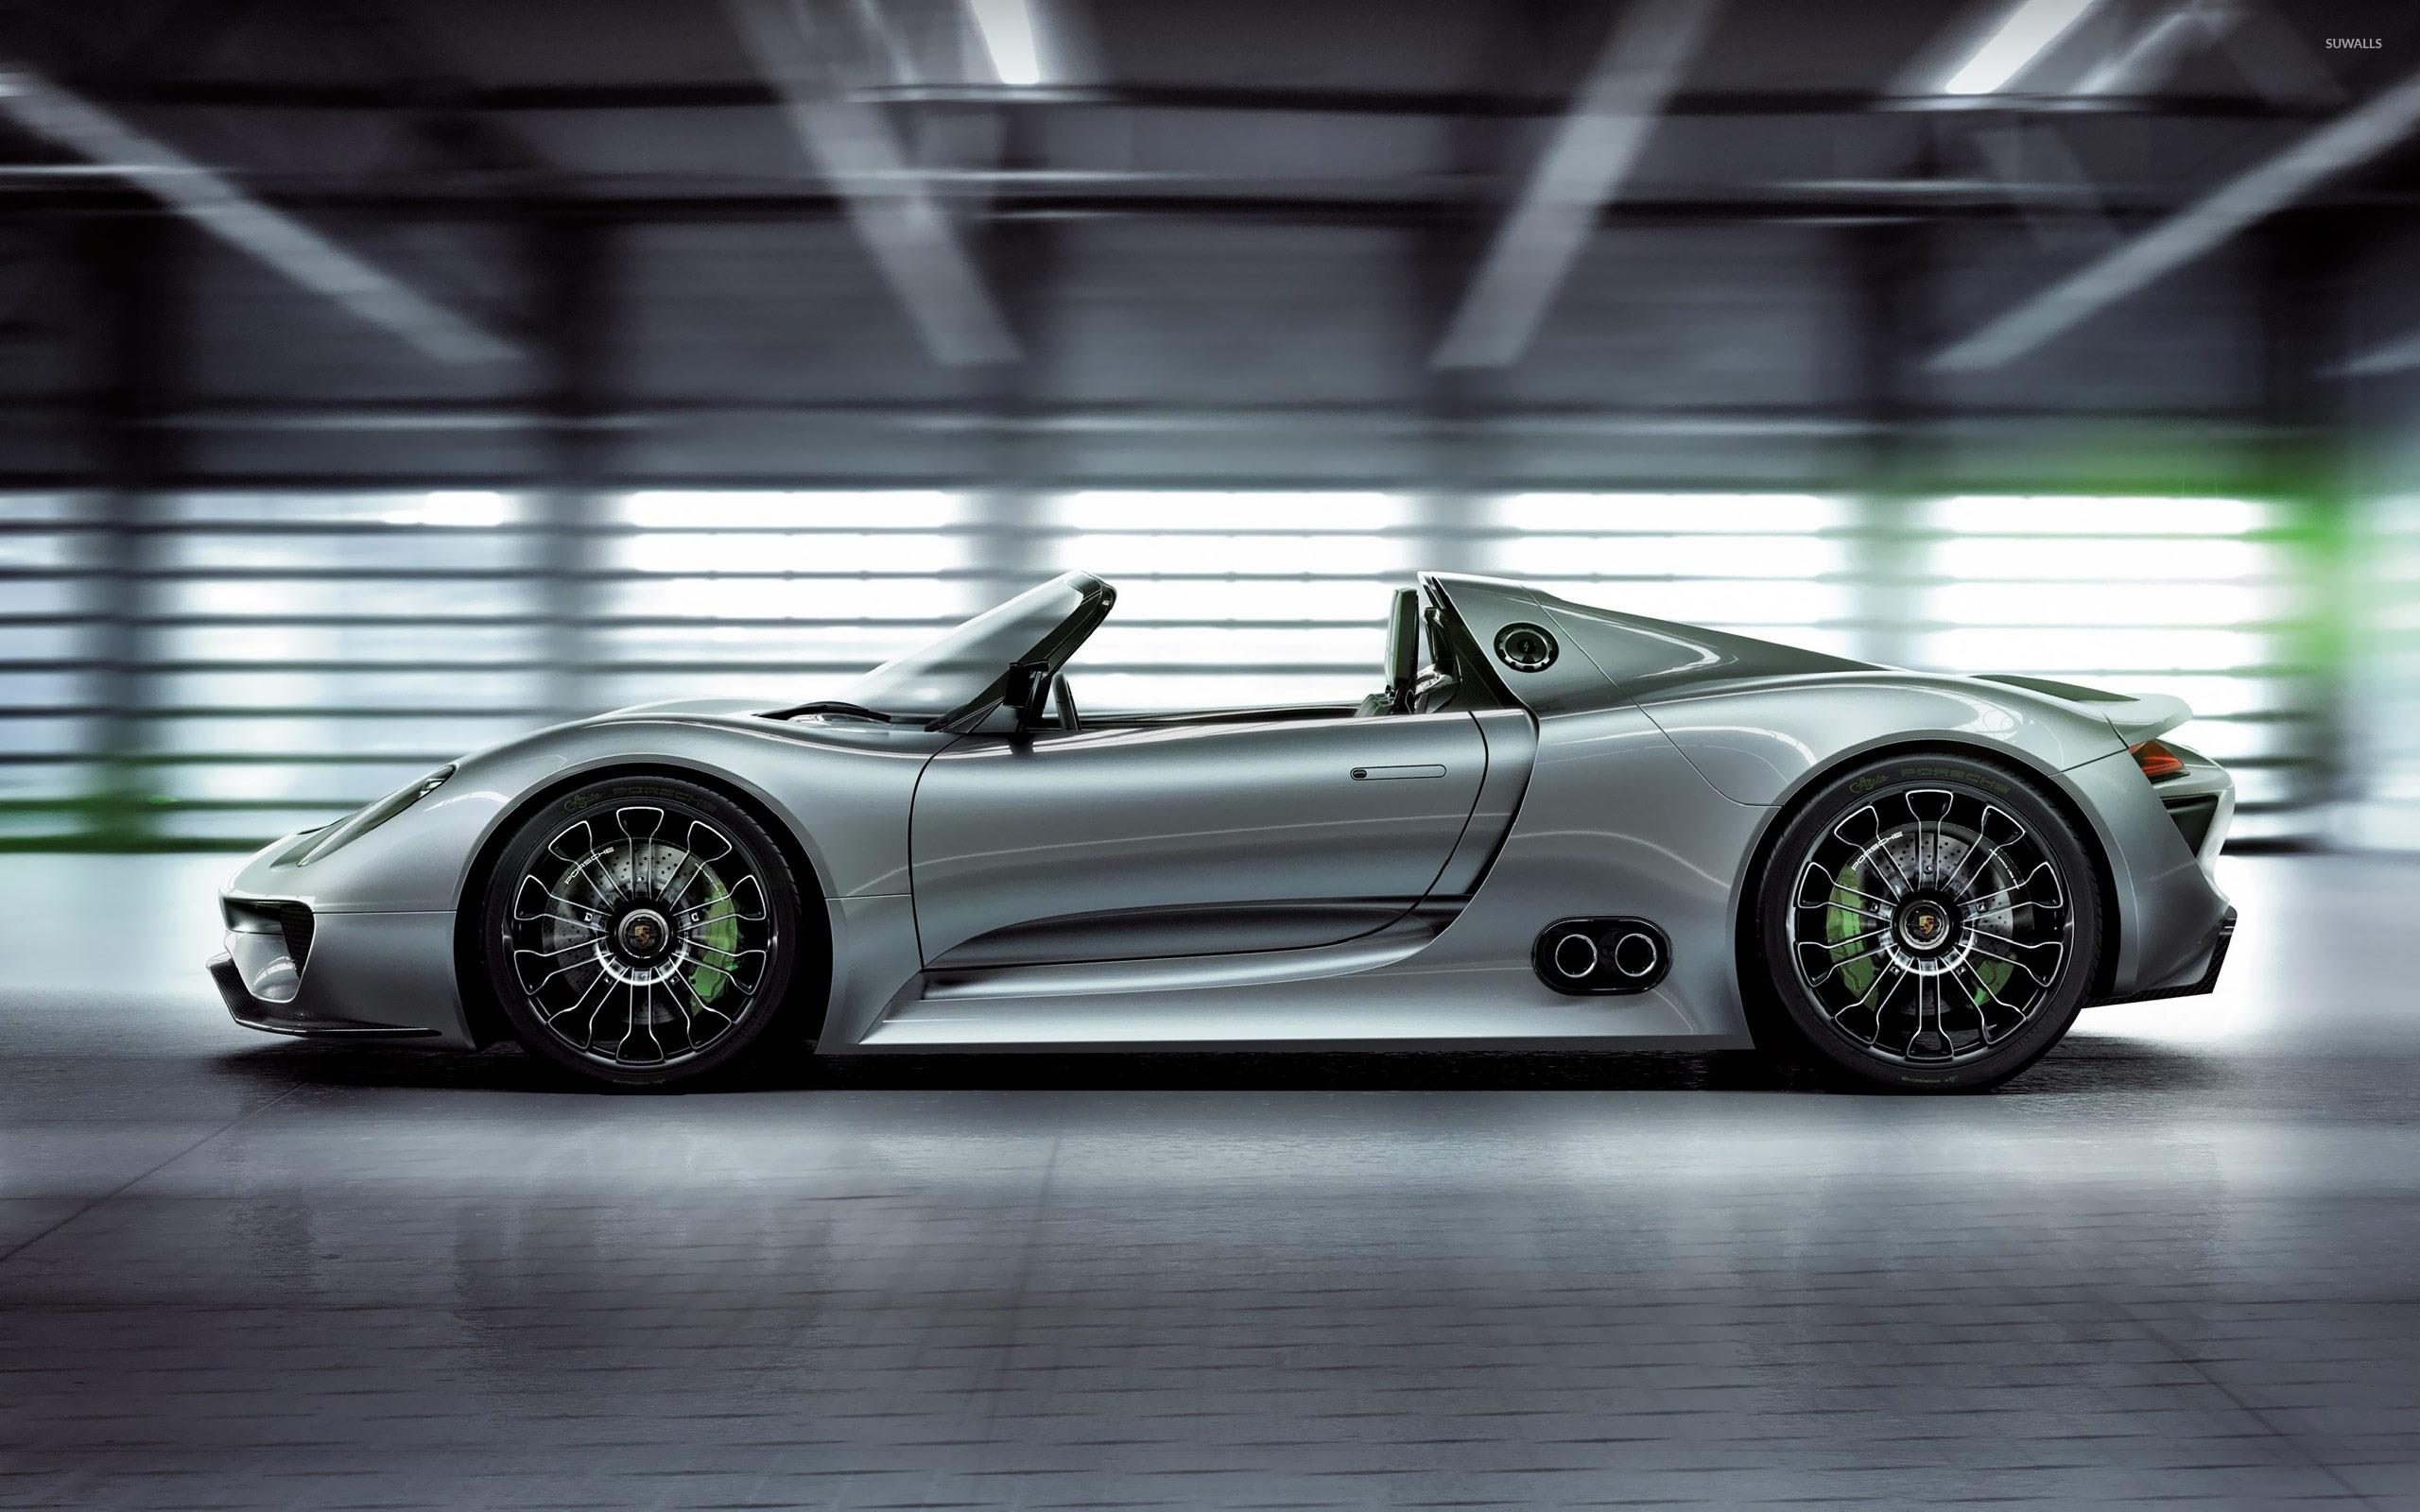 porsche 918 spyder concept wallpaper 2560x1600 jpg - Porsche 918 Rsr Wallpaper